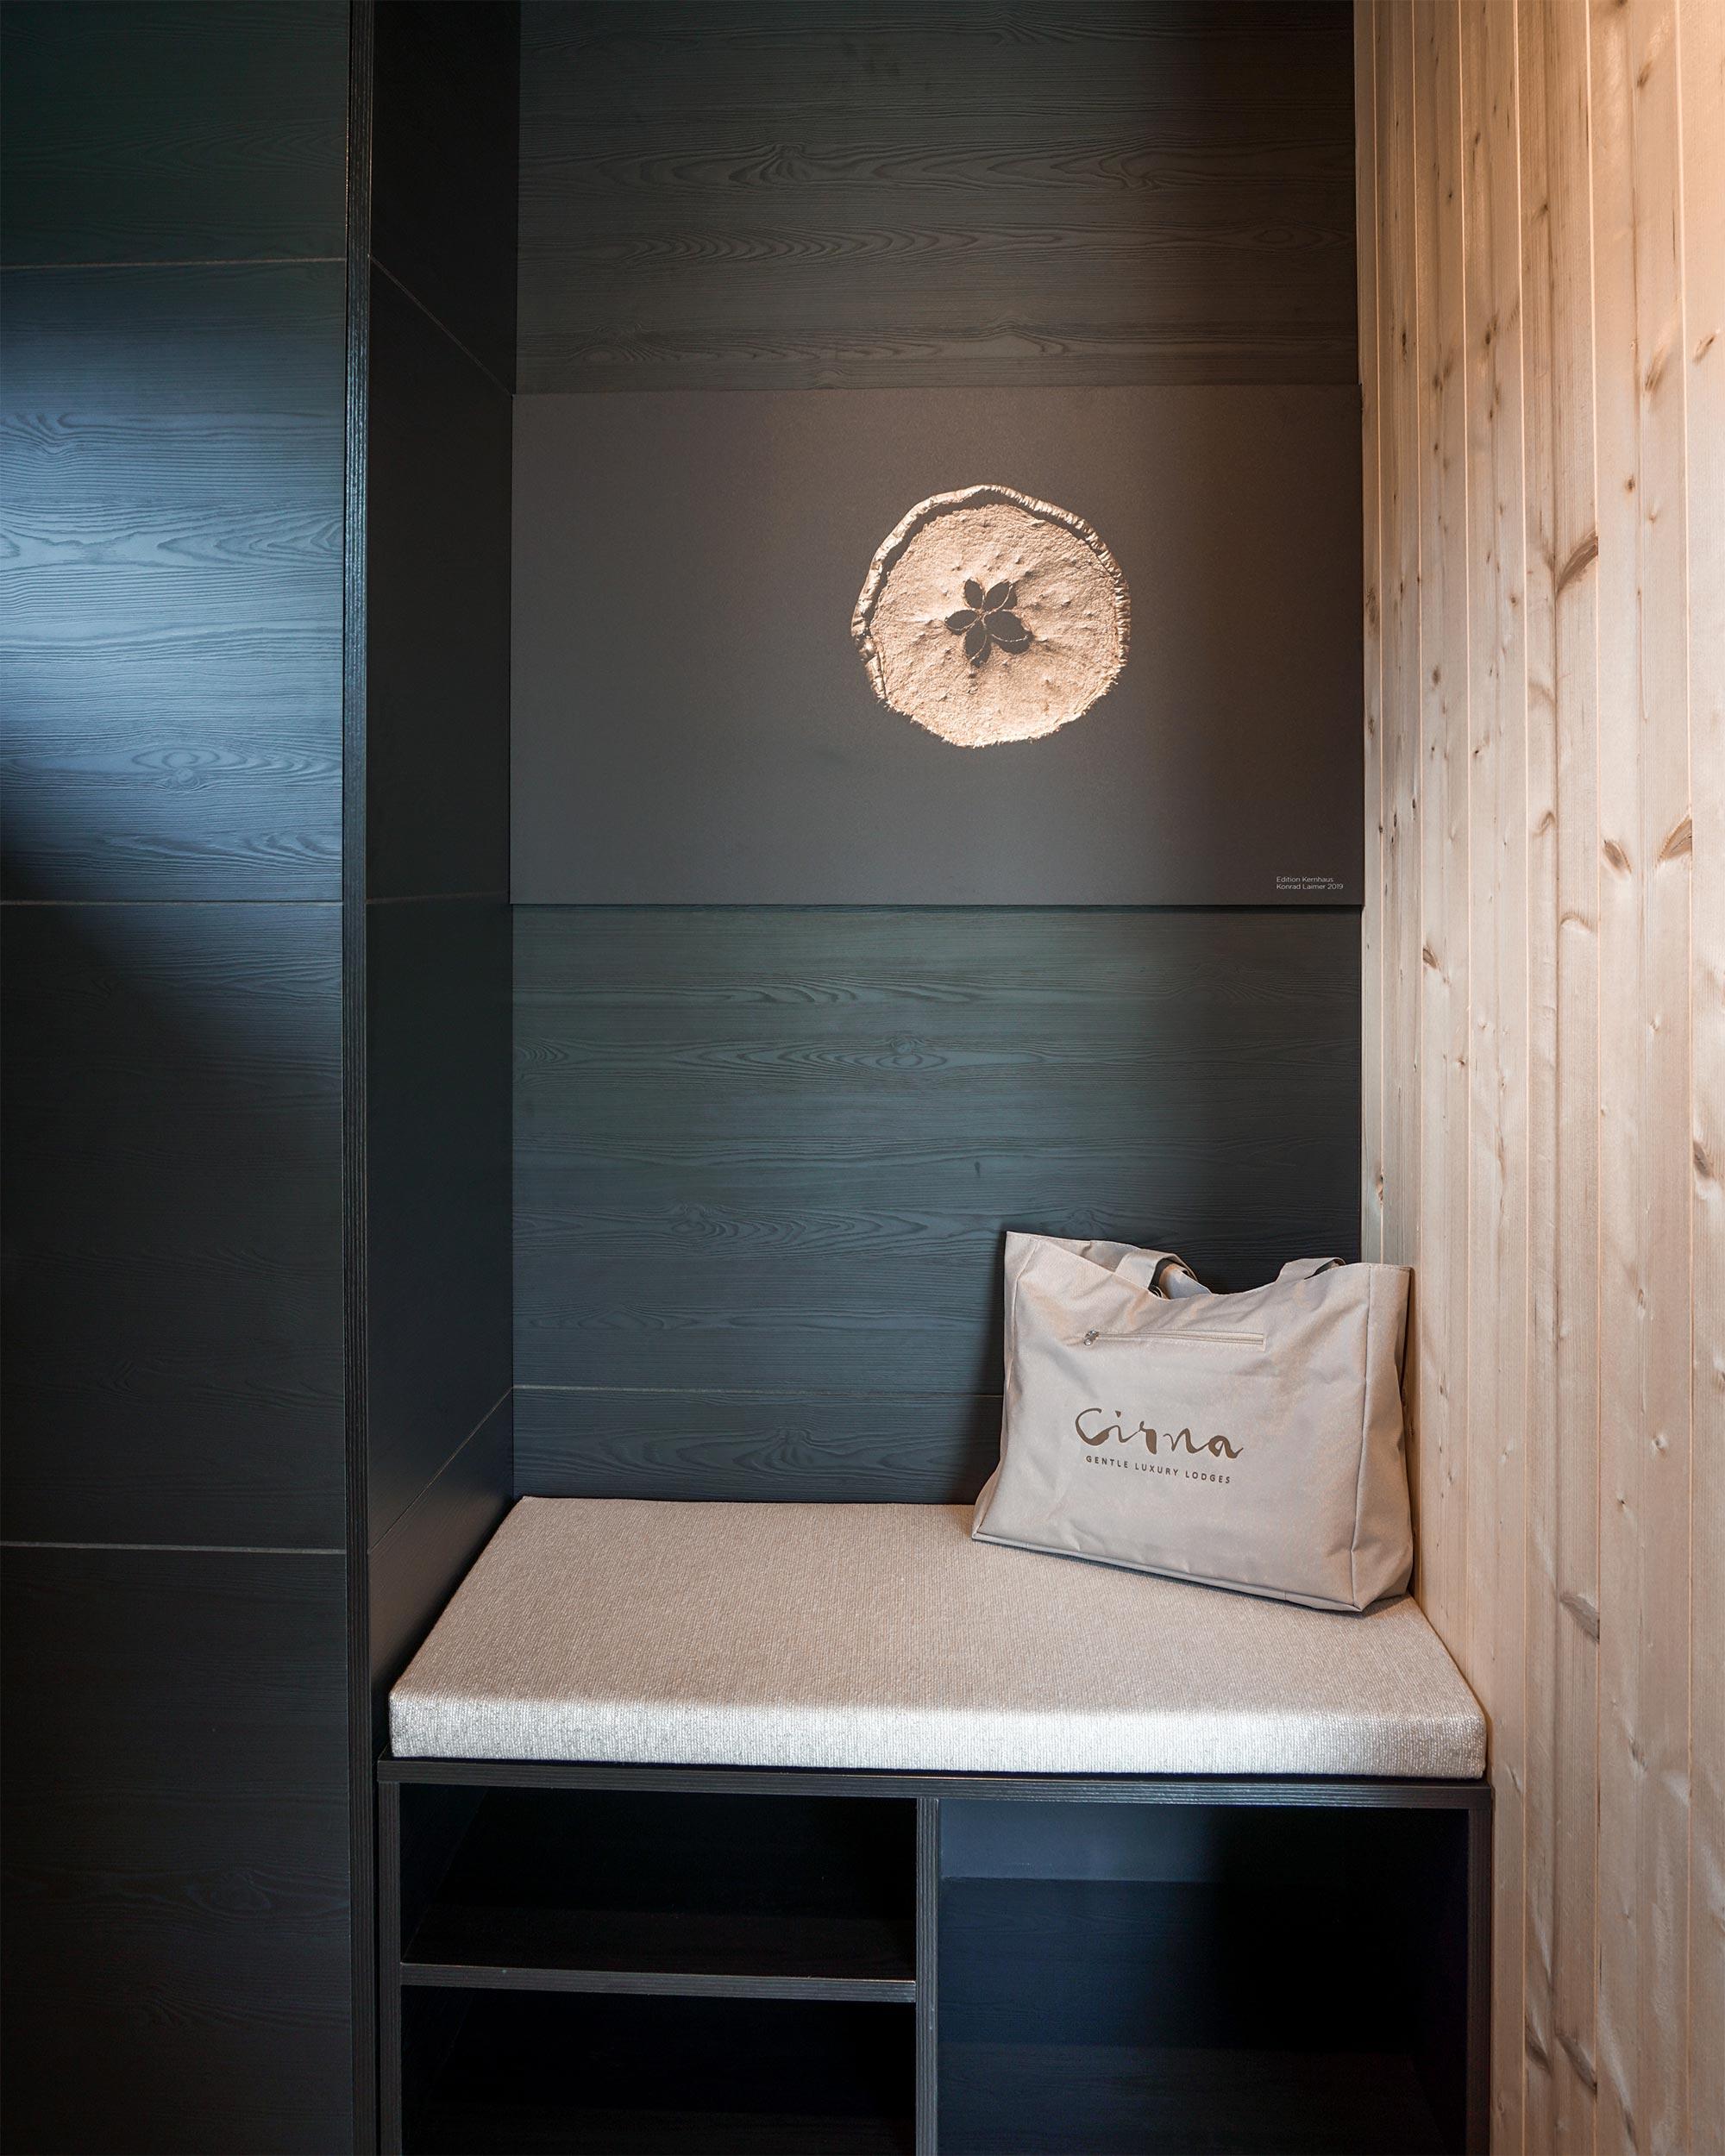 Detailaufnahme in der Cirna Luxury Lodge